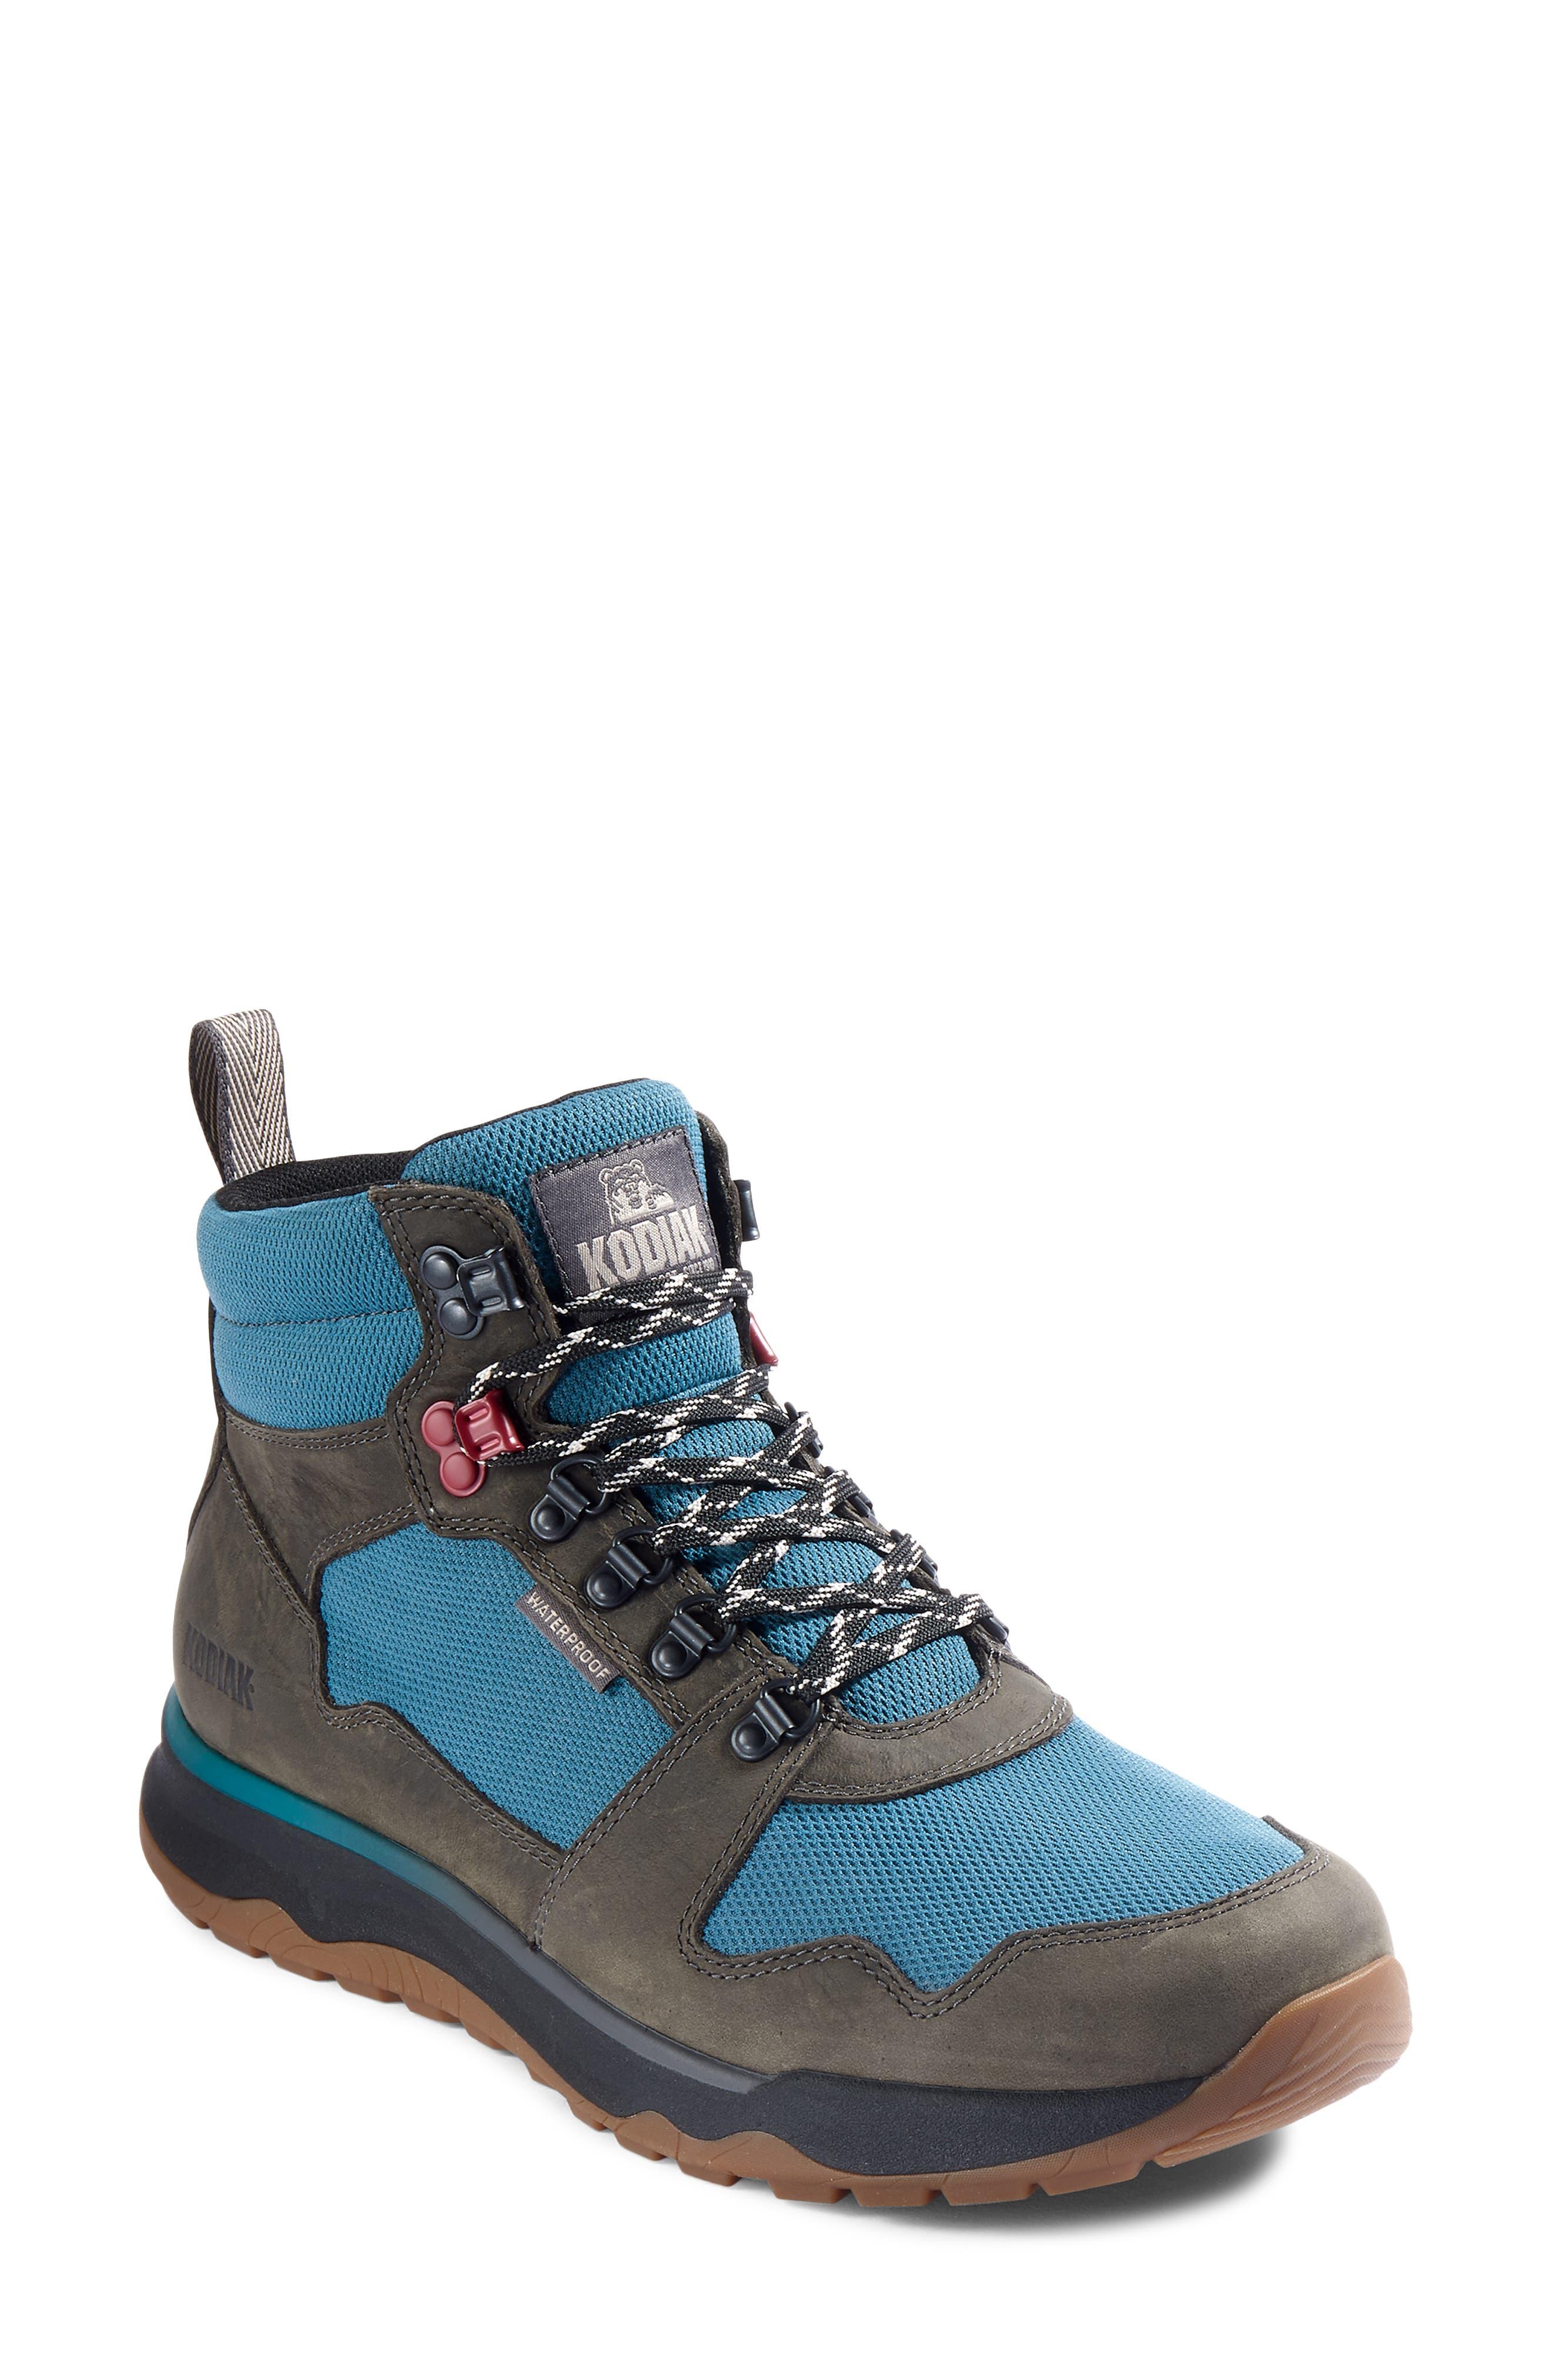 Skogan Mid Waterproof Hiking Boot